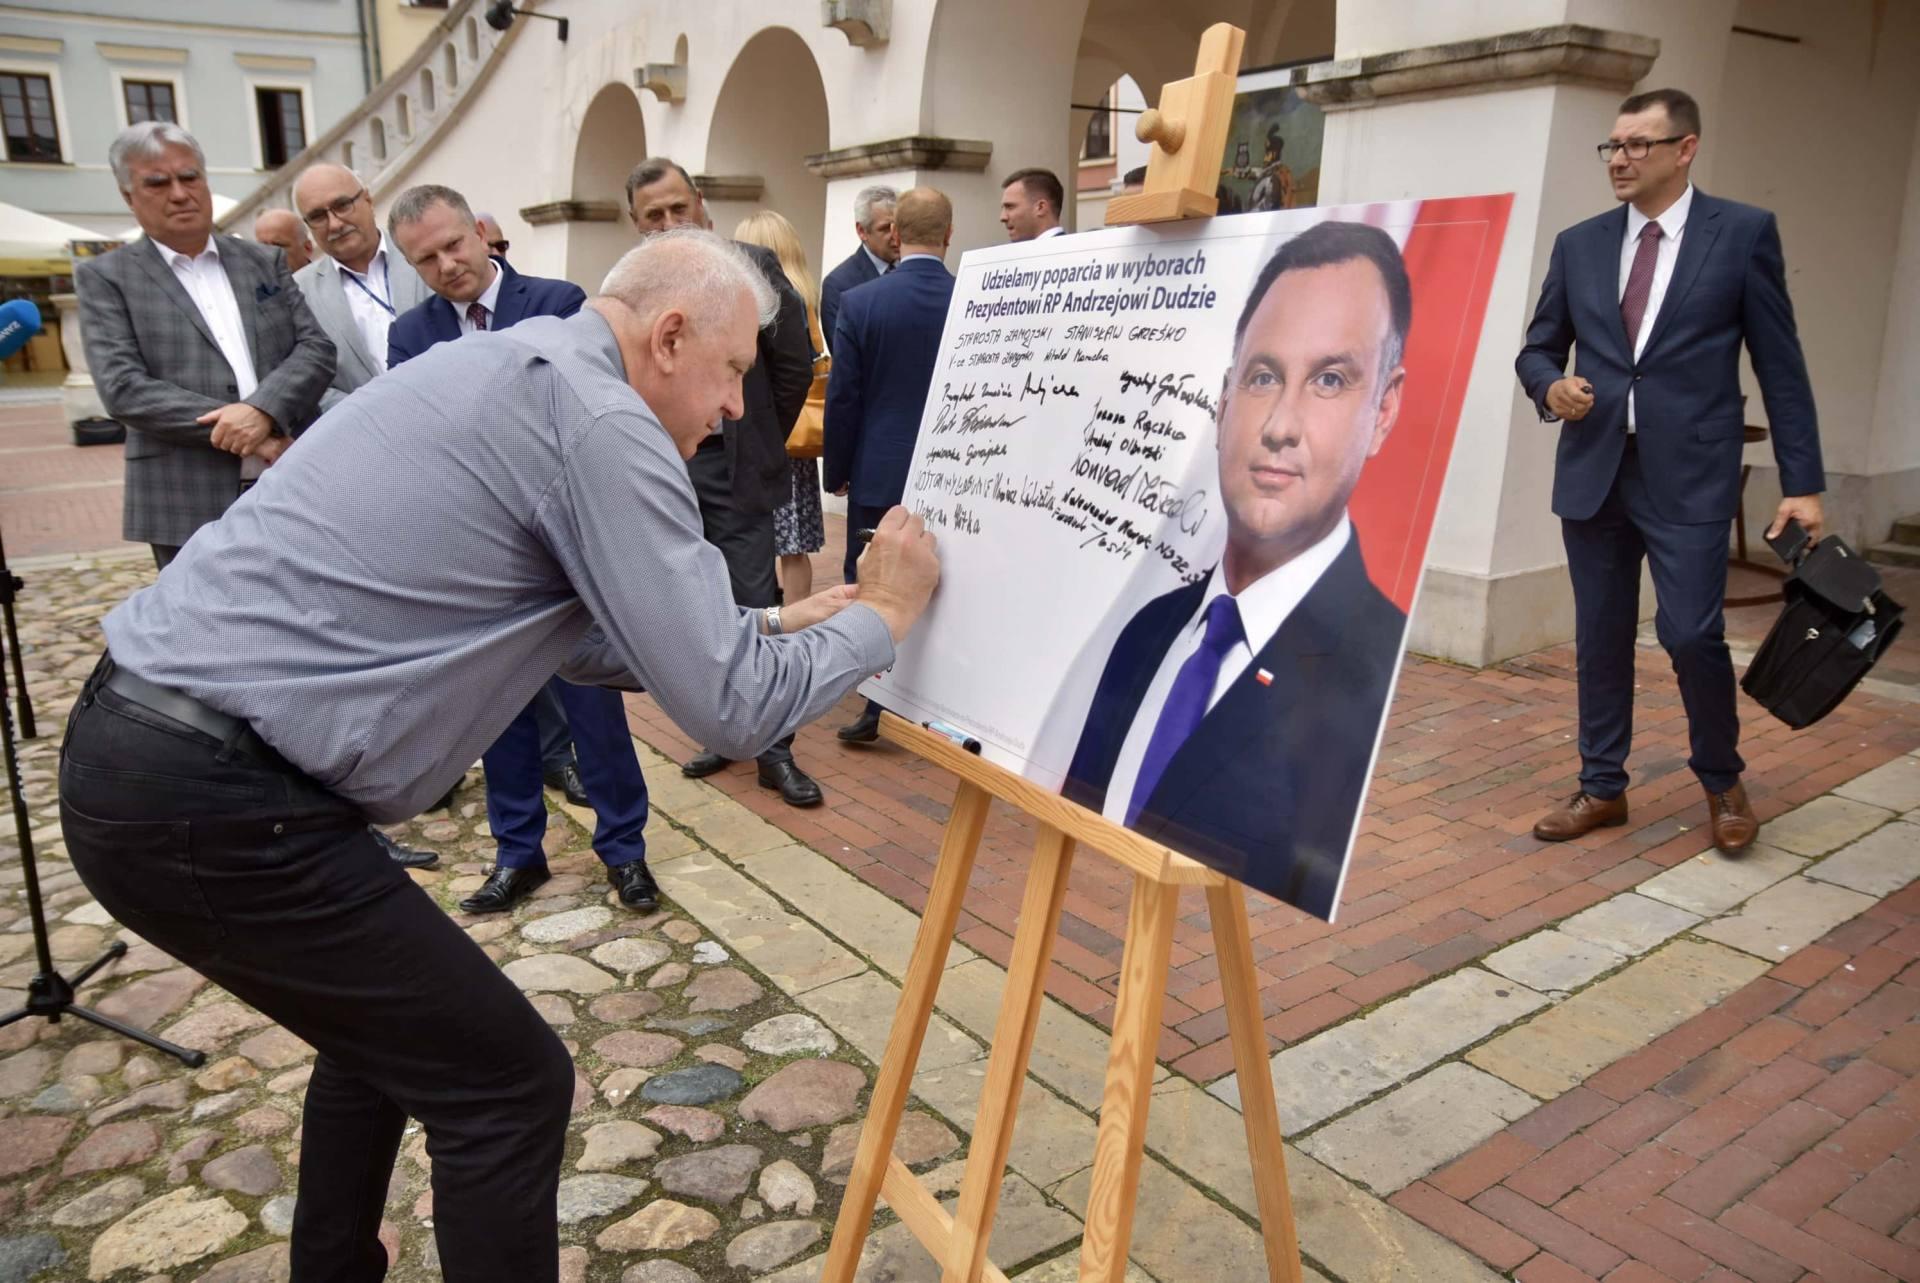 dsc 7789 Zamość: Udzielili poparcia prezydentowi Andrzejowi Dudzie